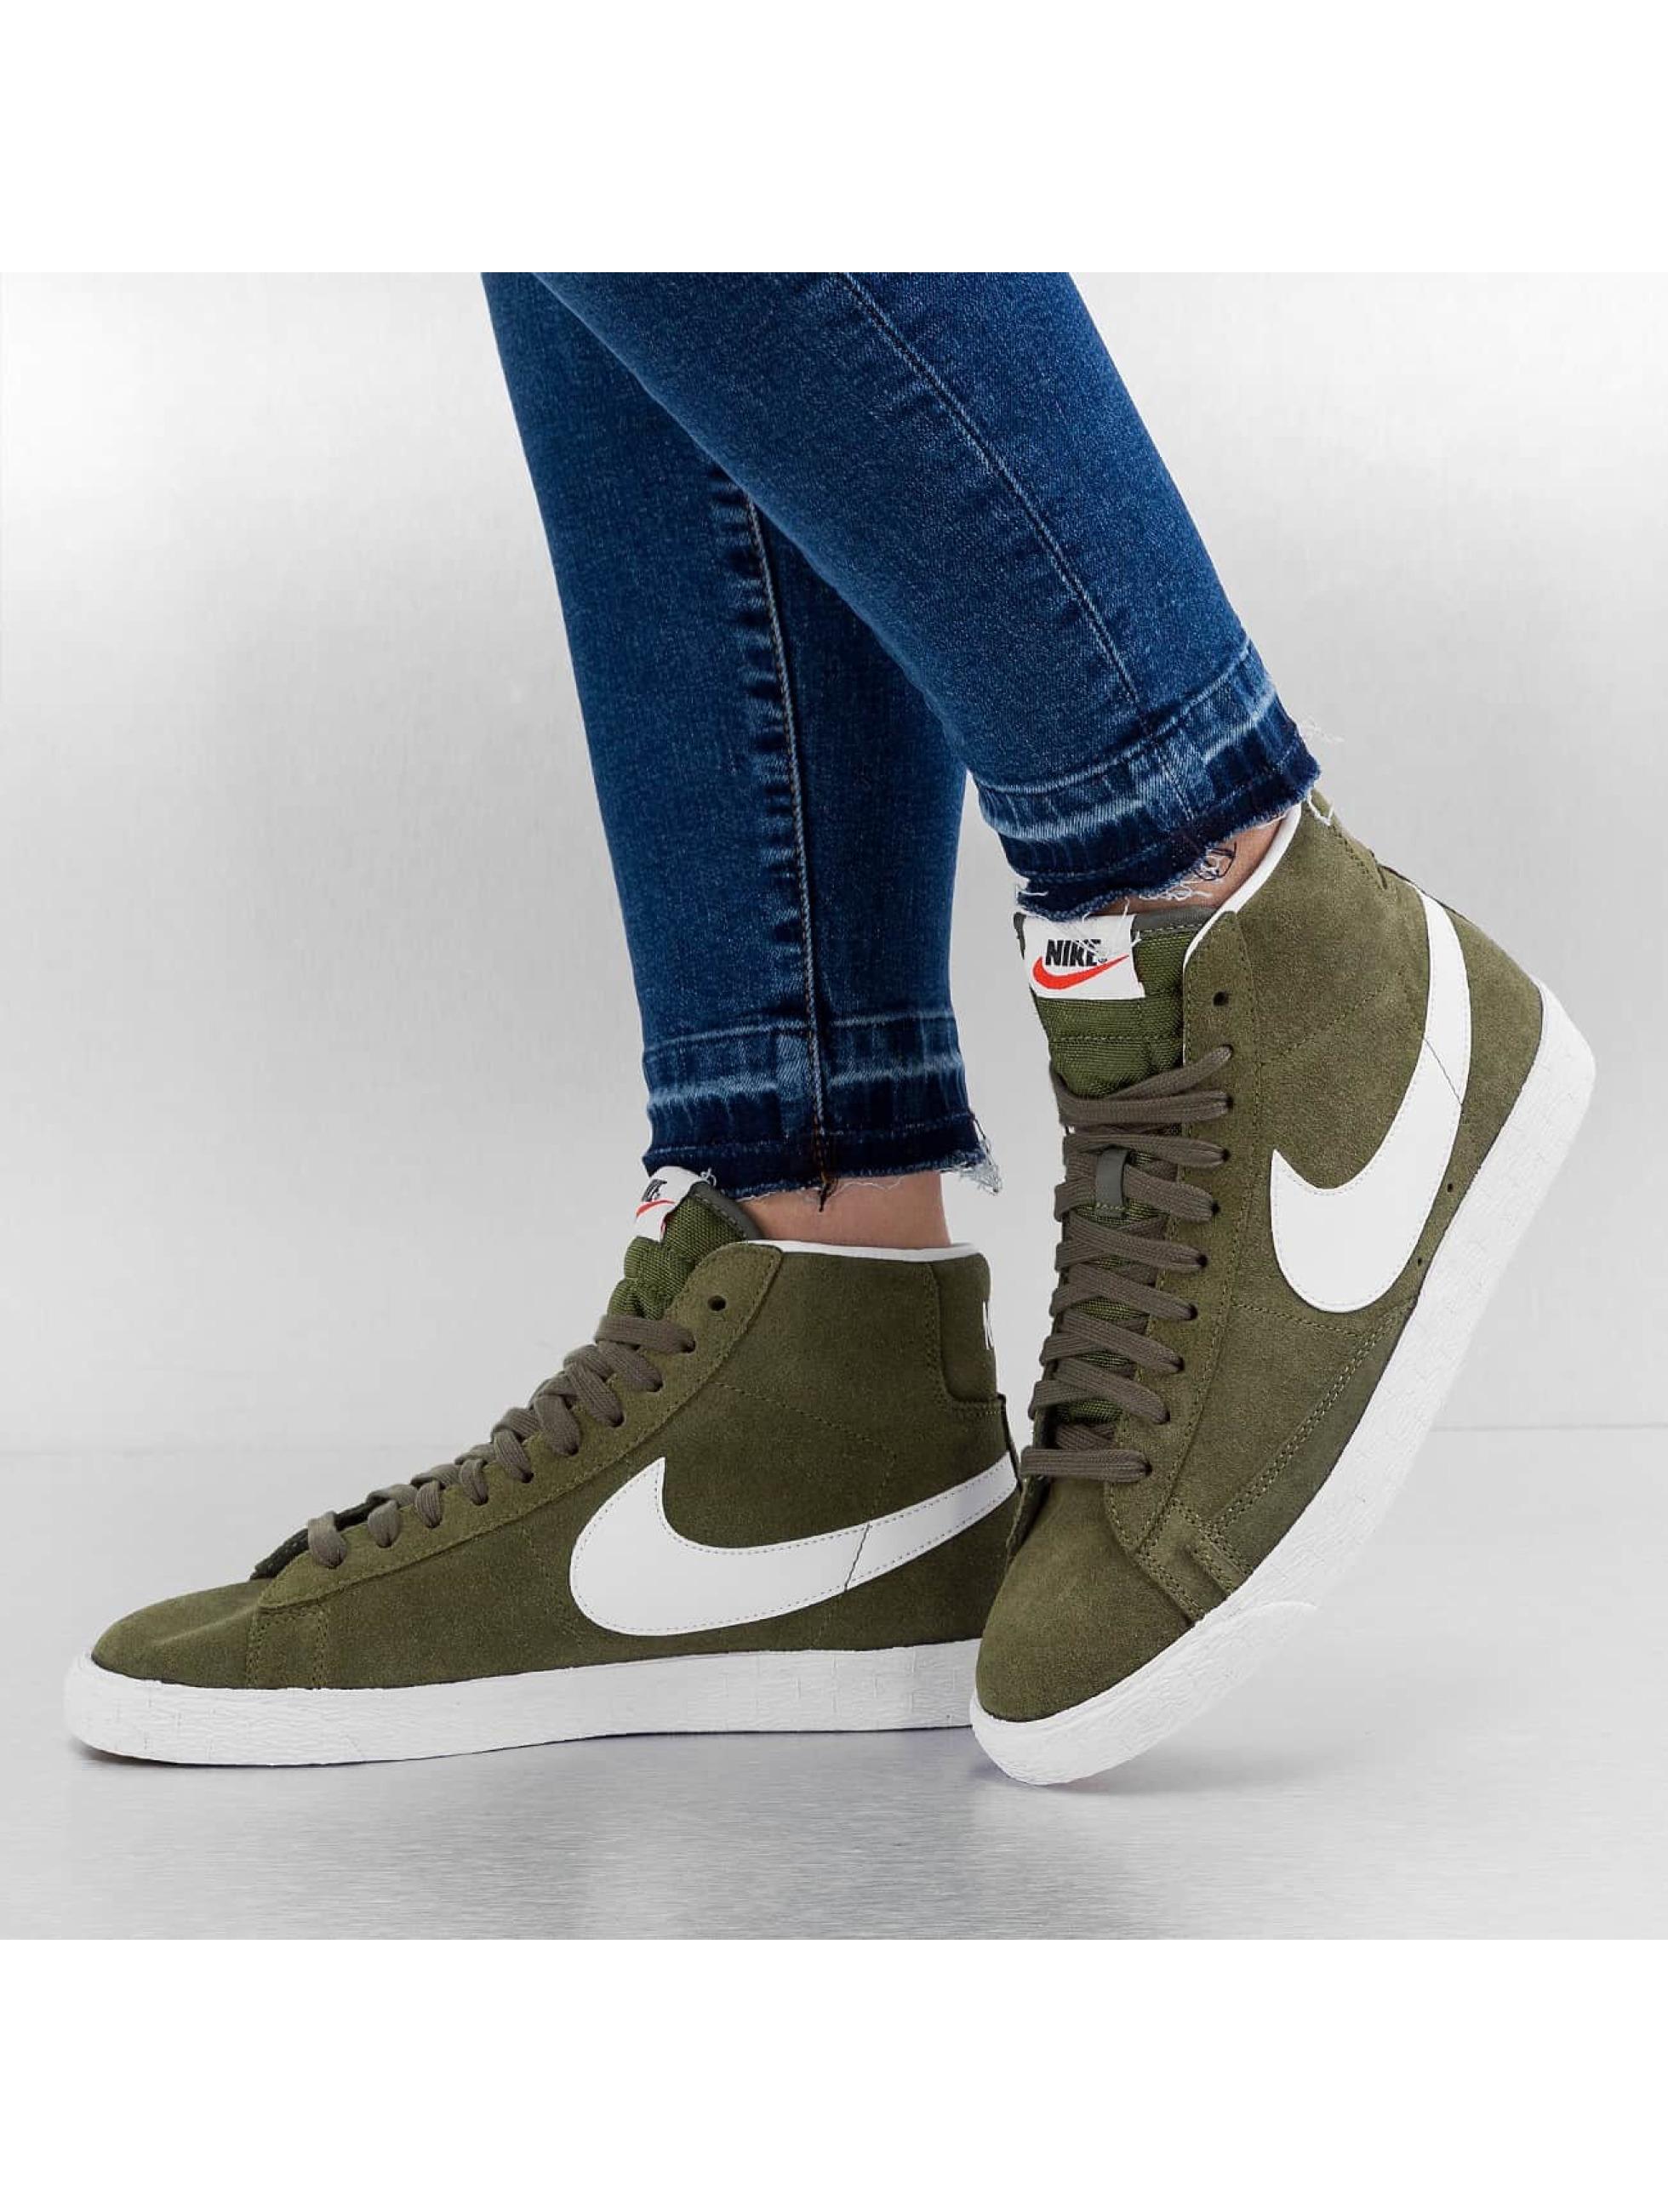 Nike schoen / sneaker WMNS Blazer Mid Suede in groen